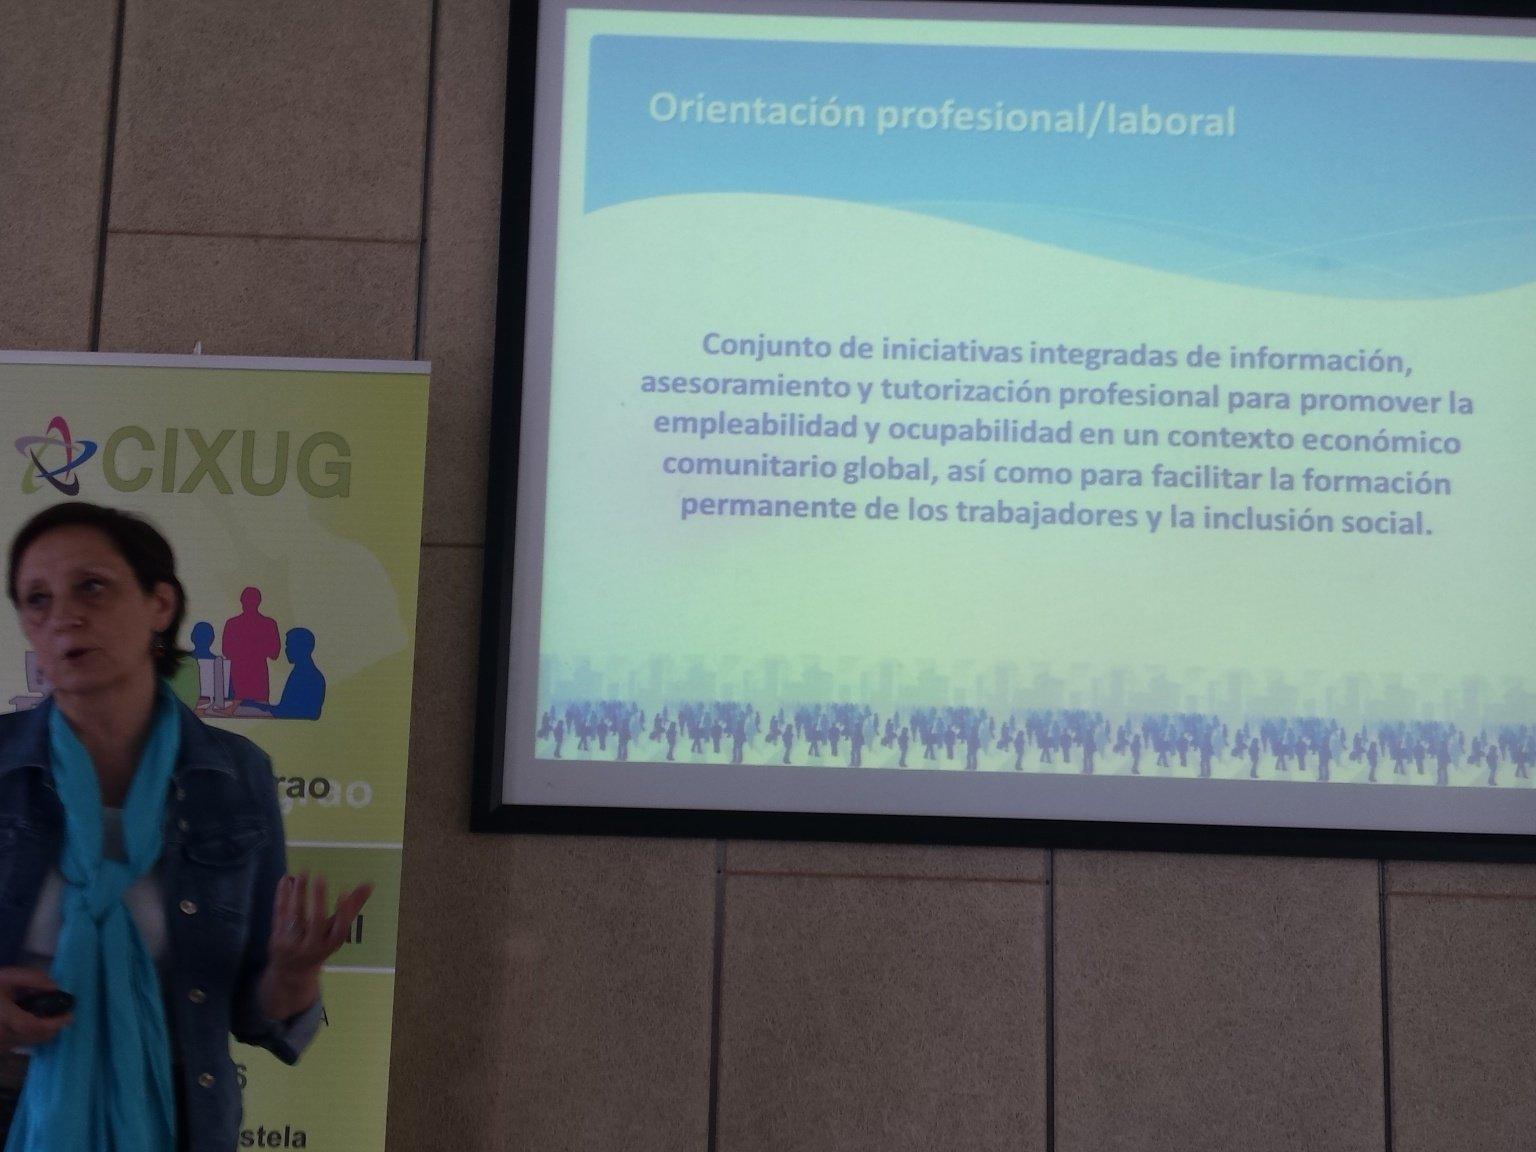 Fundamental: desarrollar iniciativas de orientación profesional /laboral  #POLAB16 https://t.co/WAyav8ZLp8